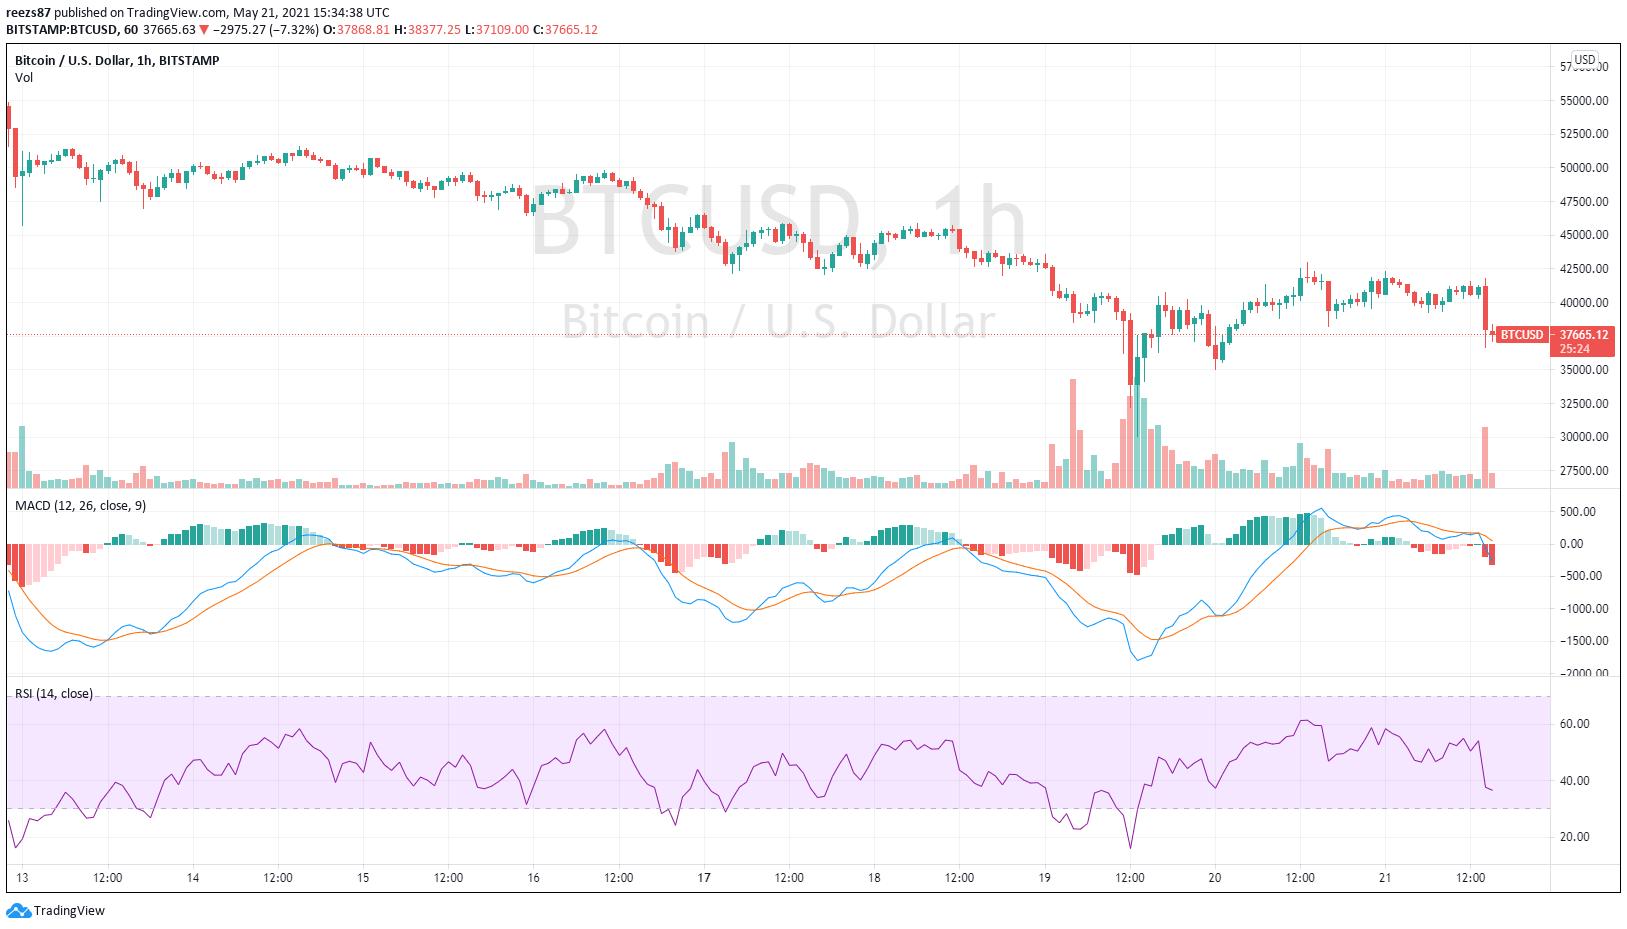 Beszakadt a kriptopiac: mélyrepülésben a dogecoin, összeomlik a bitcoin